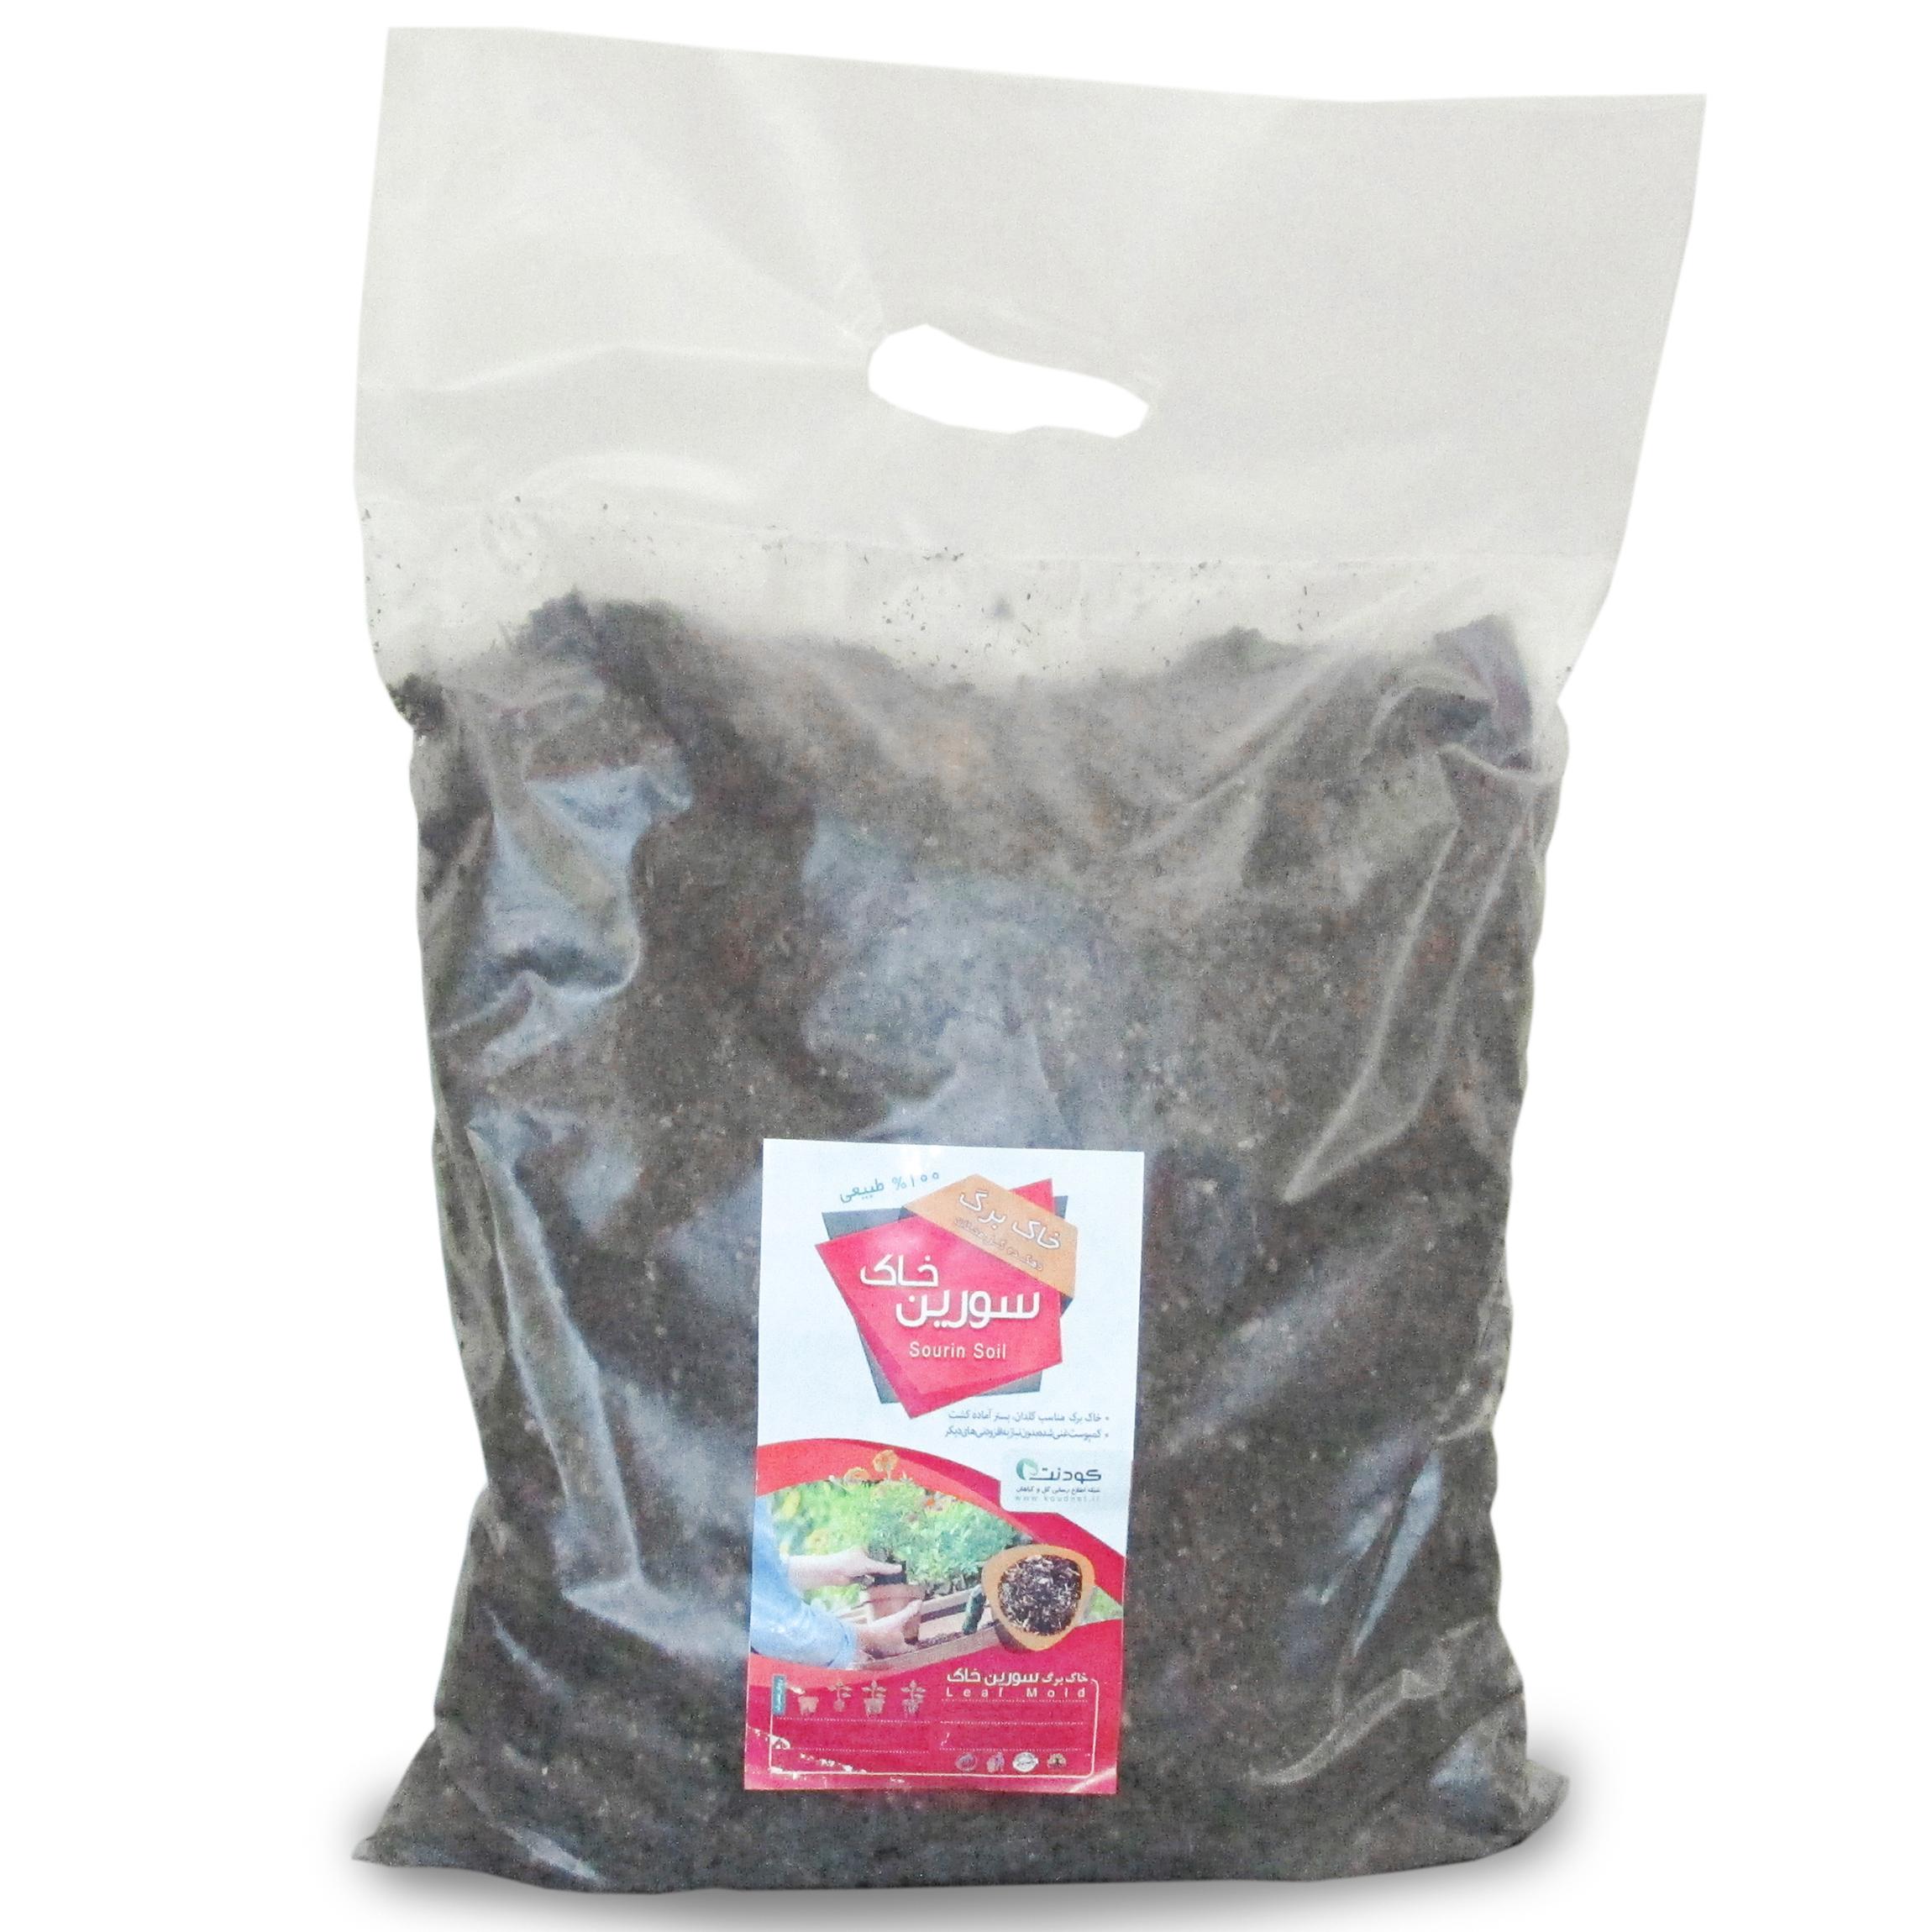 خاک برگ سورین خاک بسته بزرگ (10 لیتری)